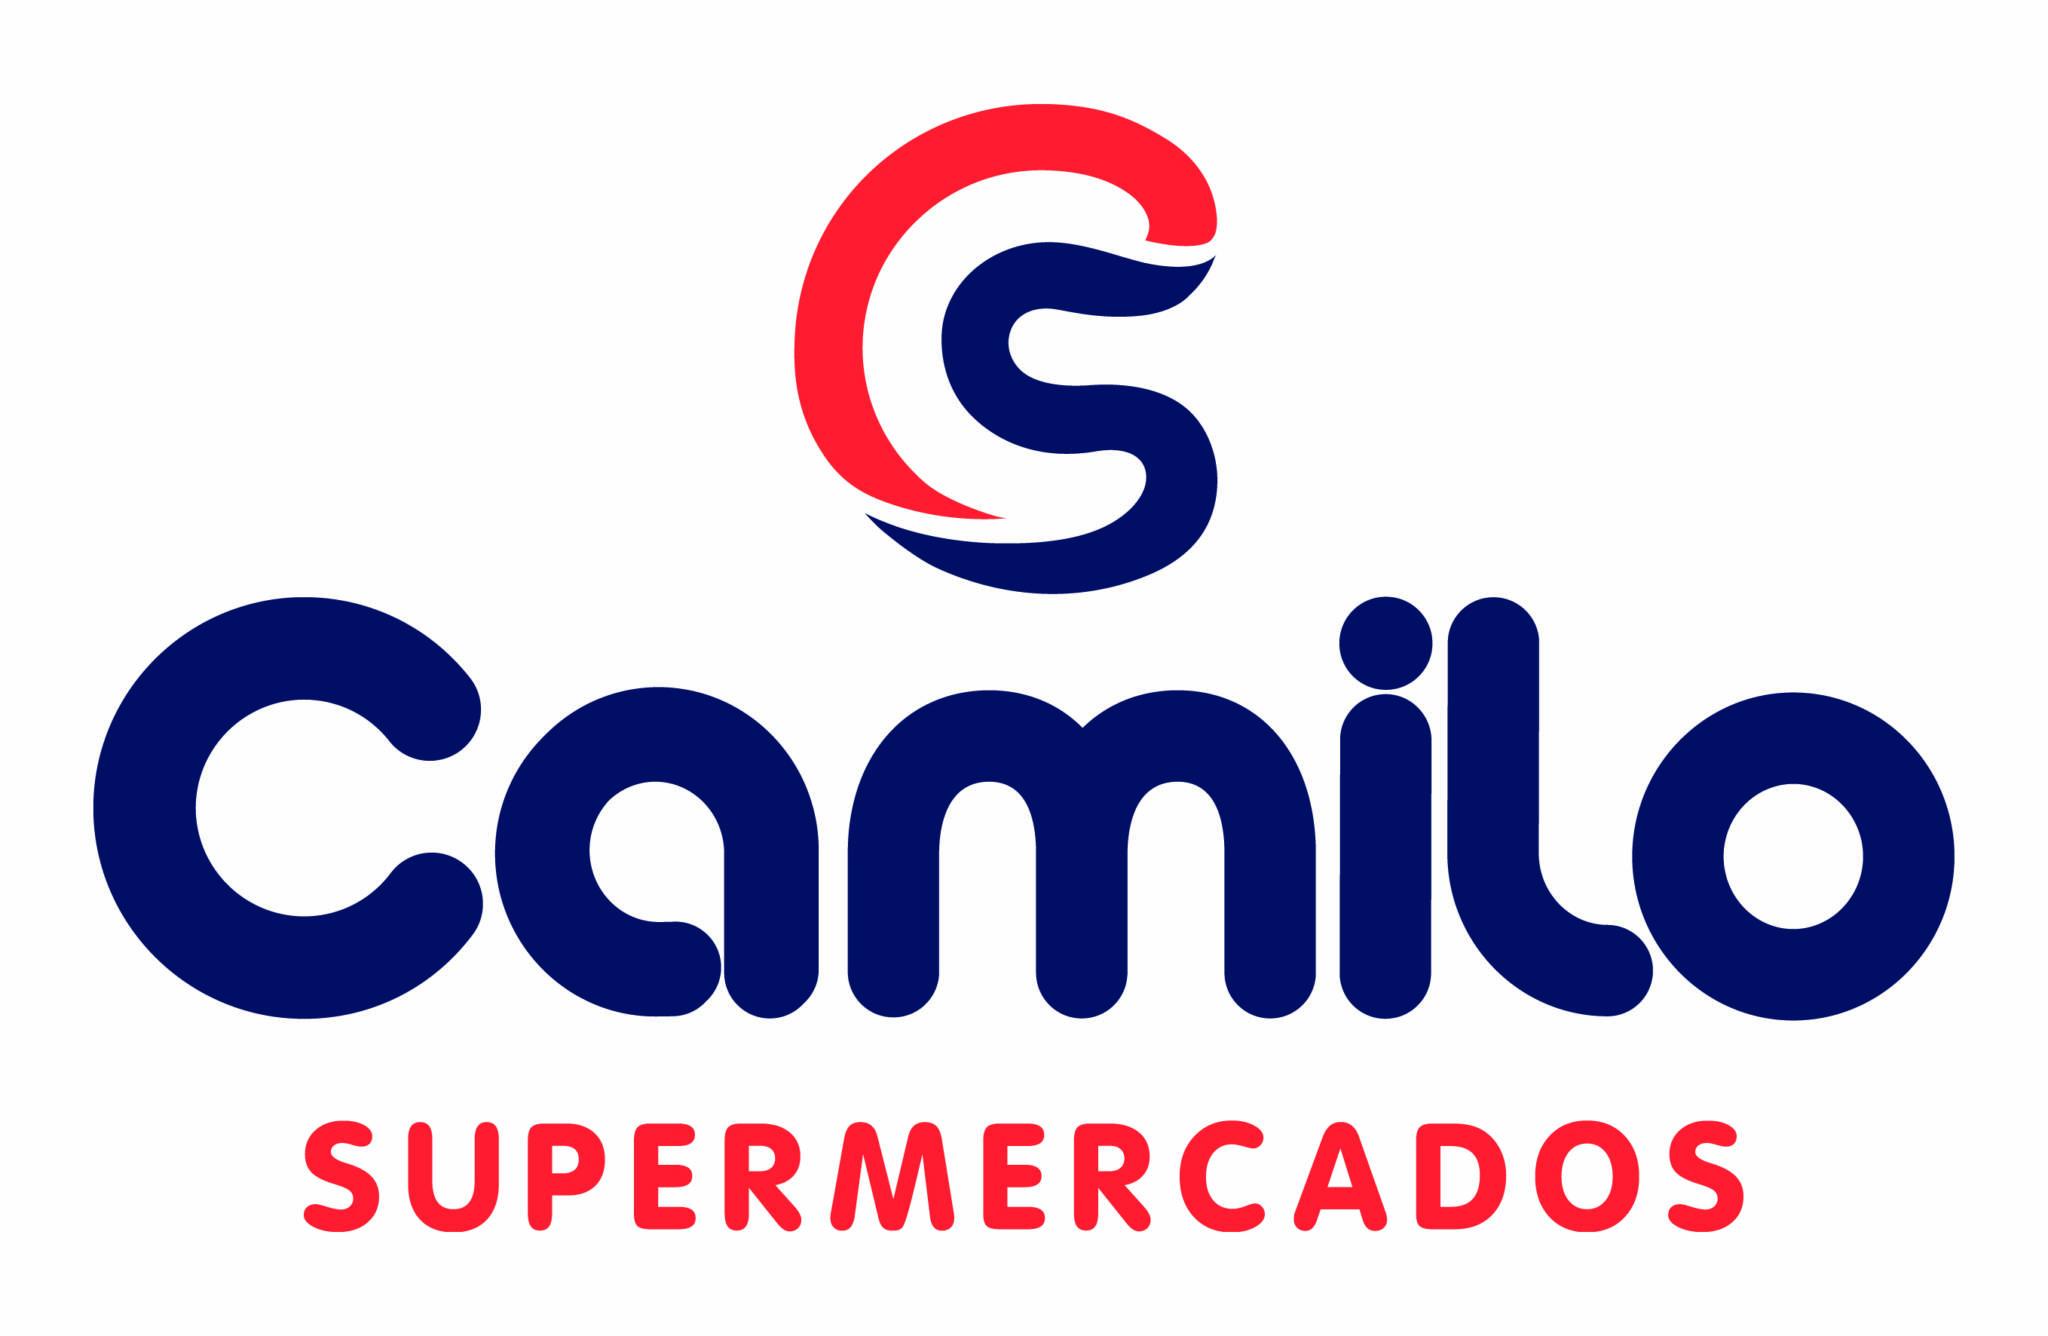 Camilo Supermercados